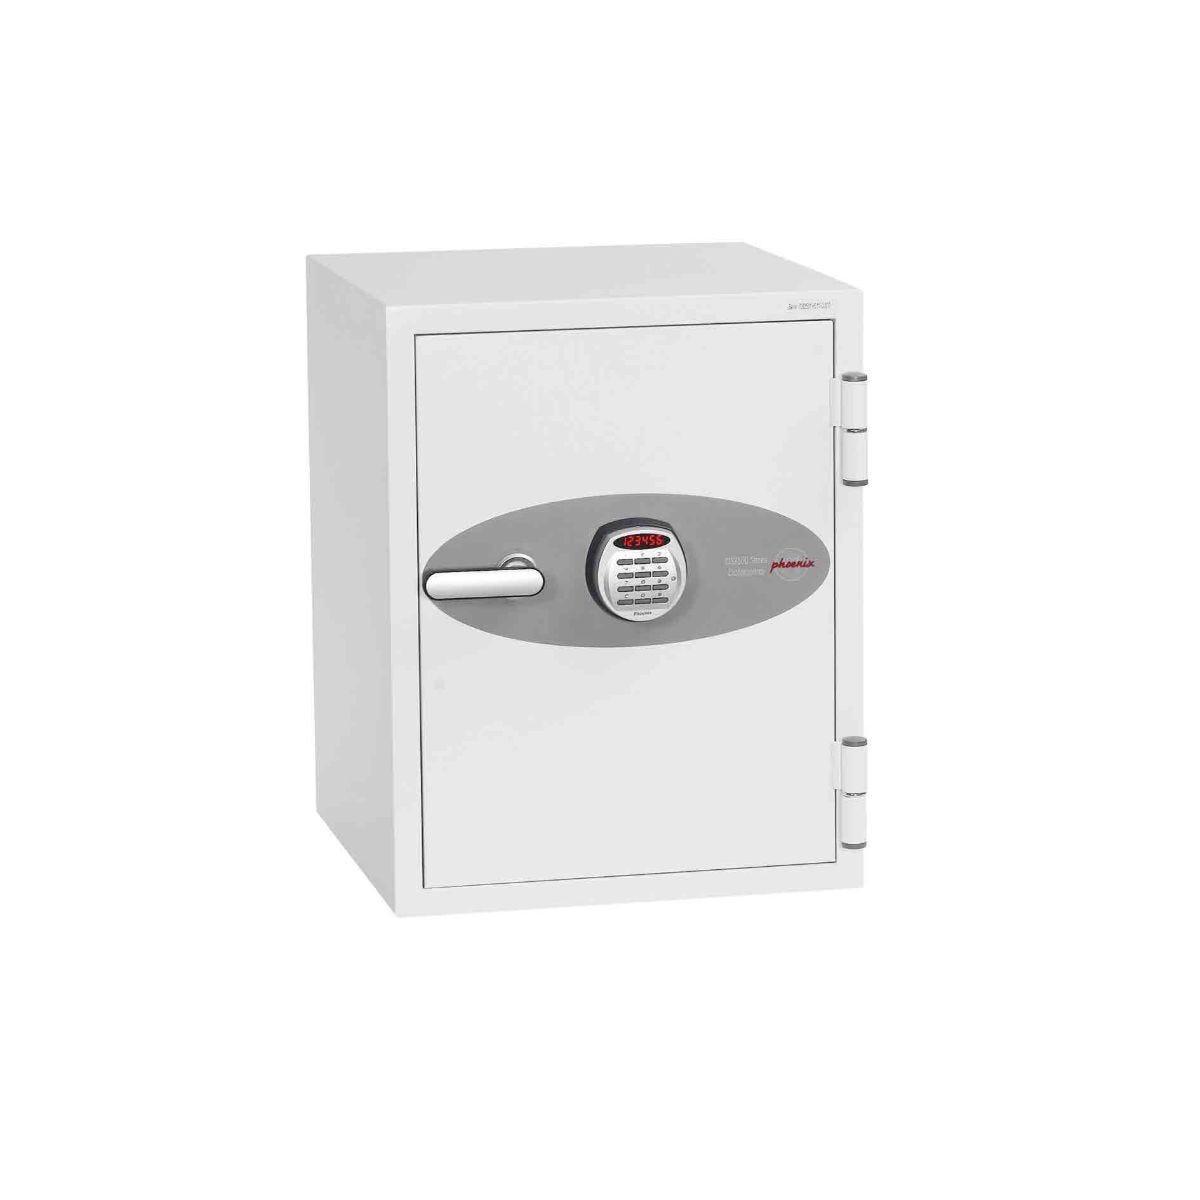 Phoenix Datacombi DS2501E Size 1 Data Safe with Electronic Lock